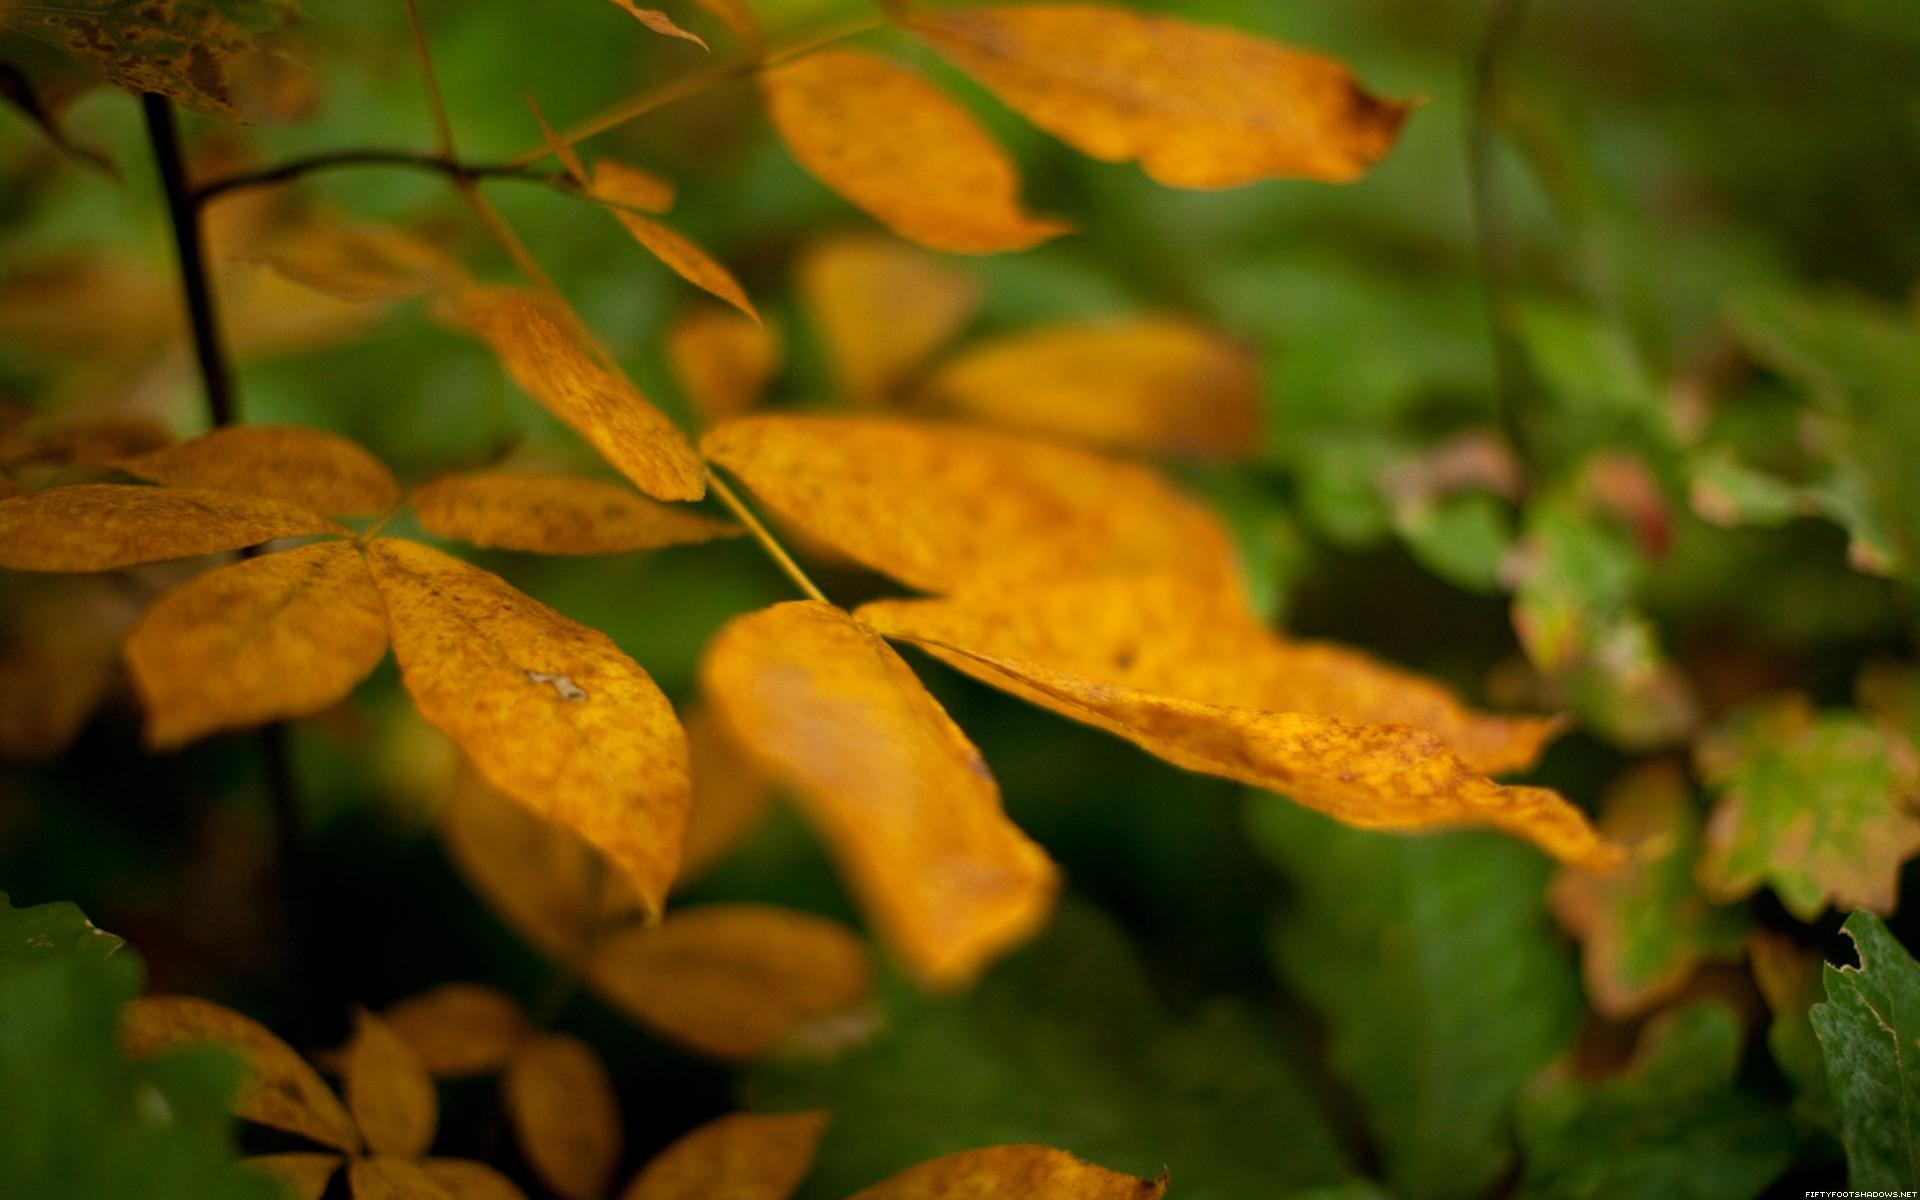 【高清图】大尺寸自然风景秋叶壁纸 第16页-zol图片